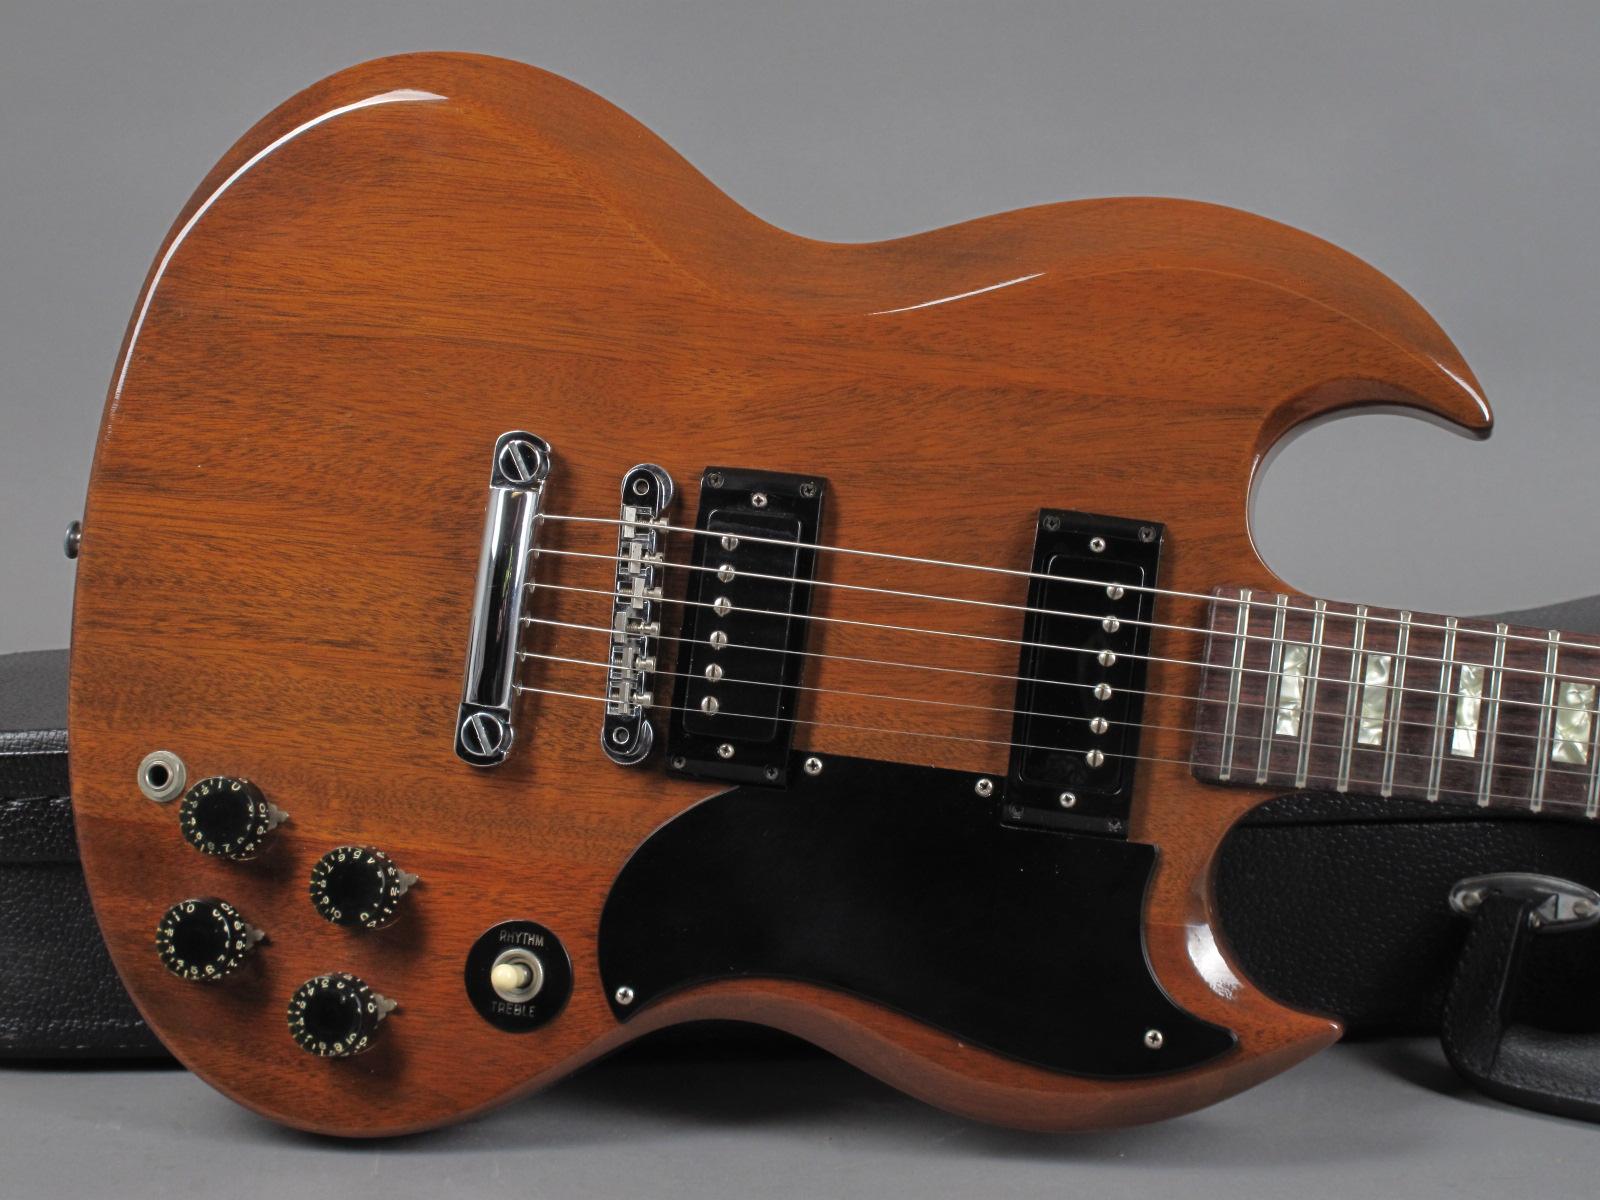 https://guitarpoint.de/app/uploads/products/1976-gibson-sg-special-walnut/1975-Gibson-SG-Special-Walnut-968930_9.jpg